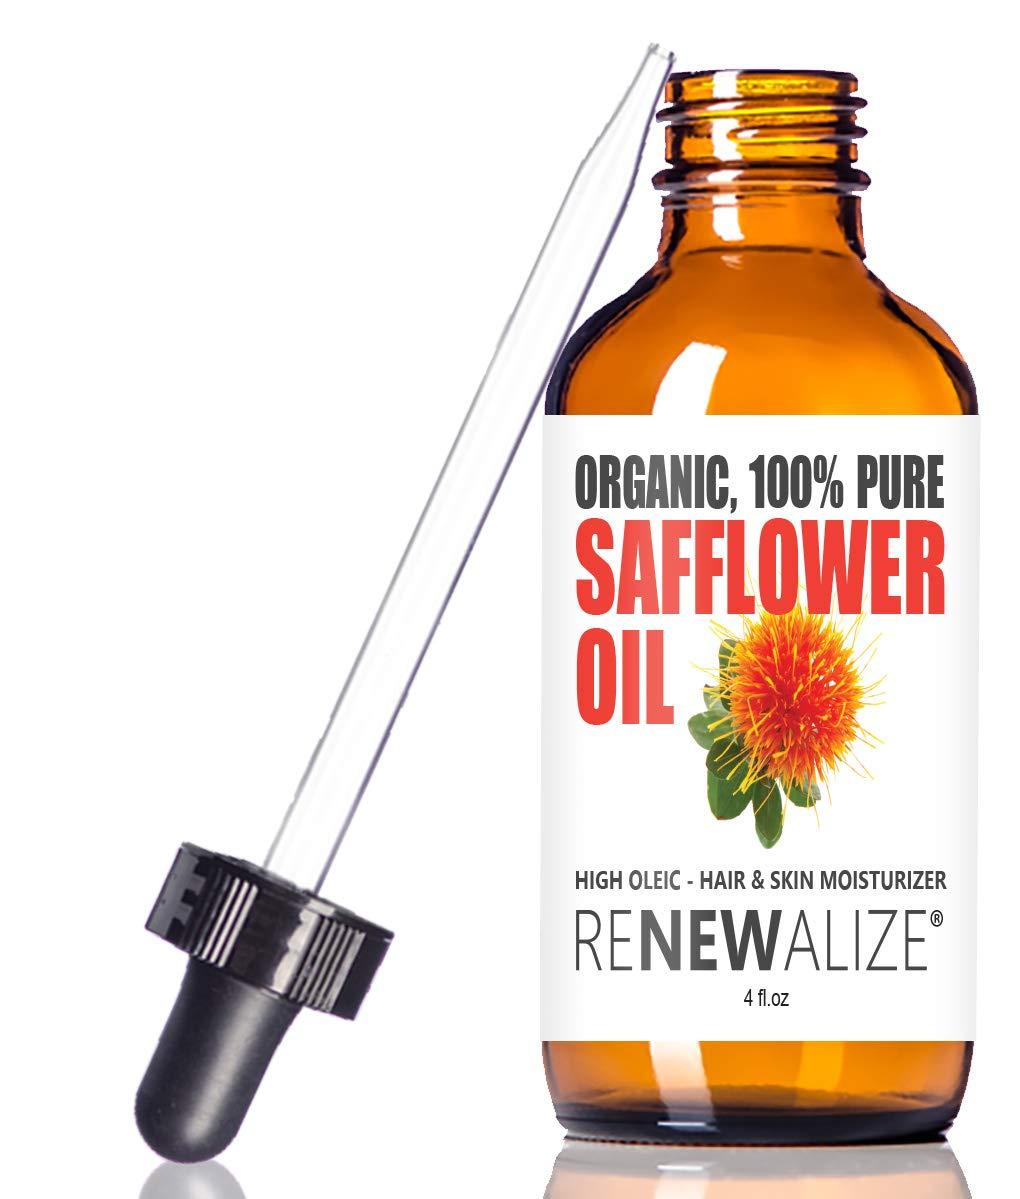 Renewalize Aceite de semilla de cártamo